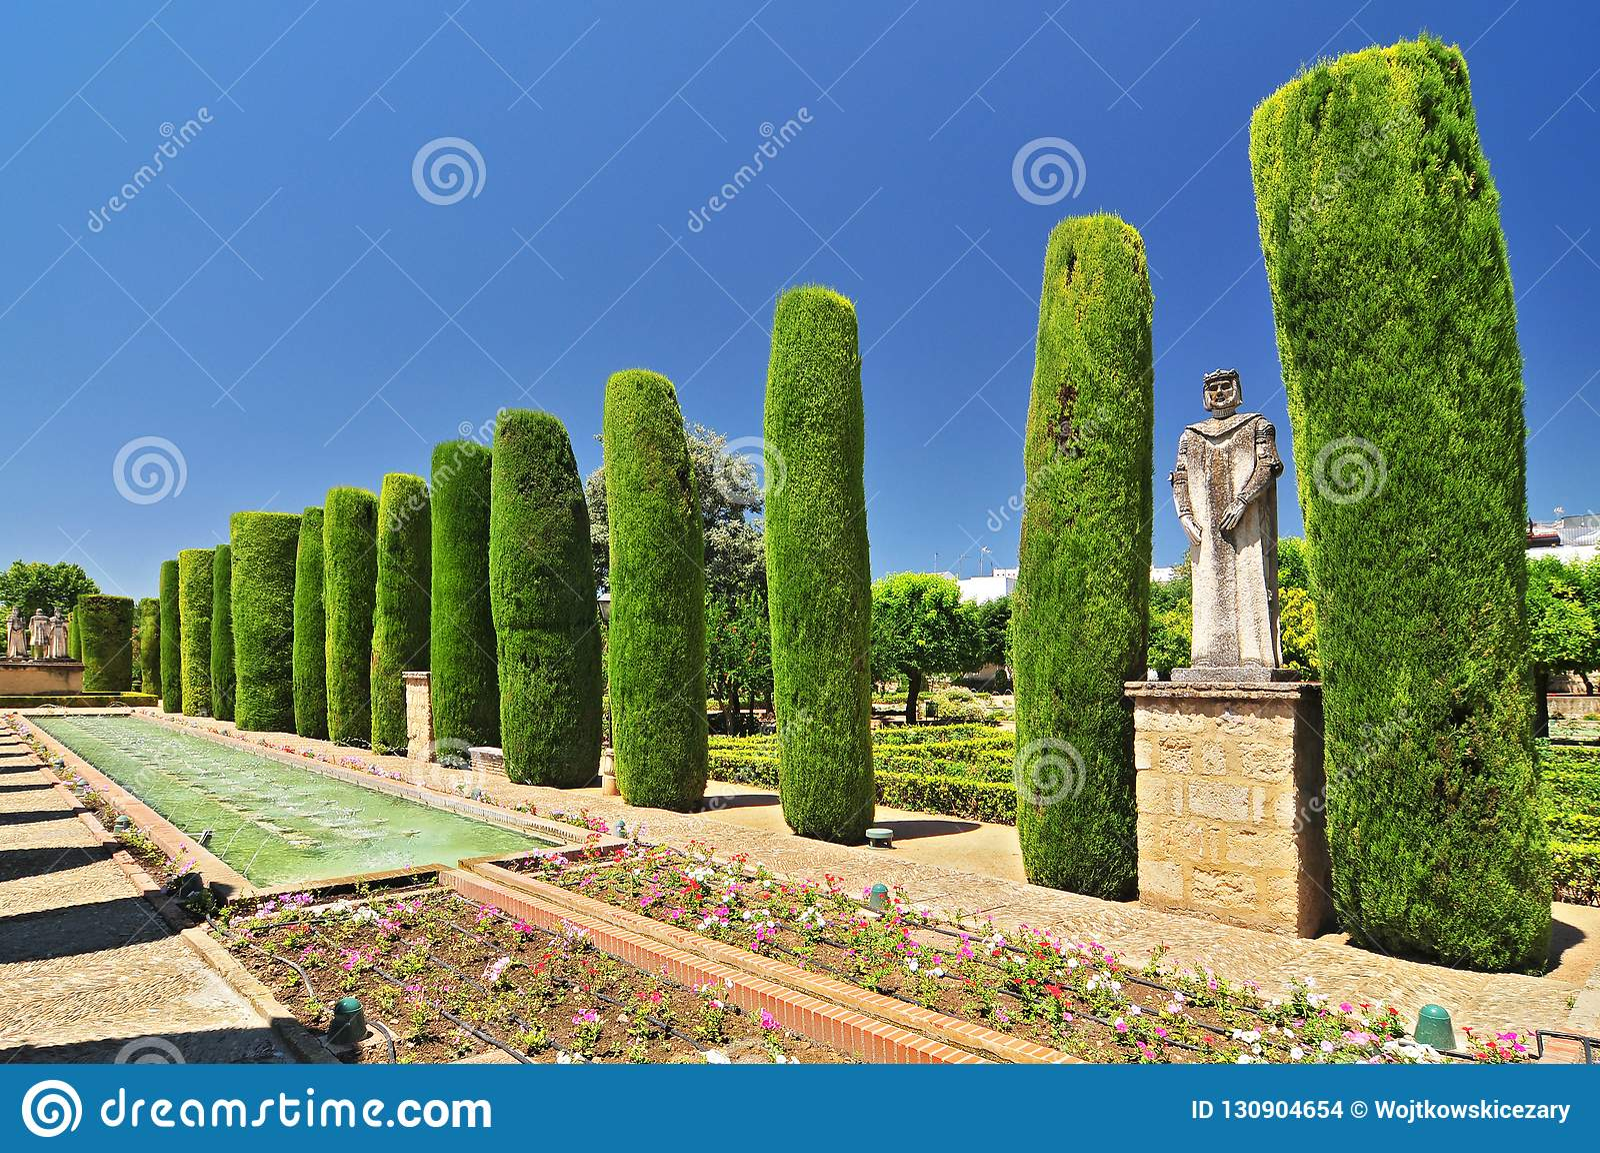 Pijn Andalusia Cordoba, Alcazar van de christelijke steeg van de koningencipres en de bassins in de tuinen, Spanje